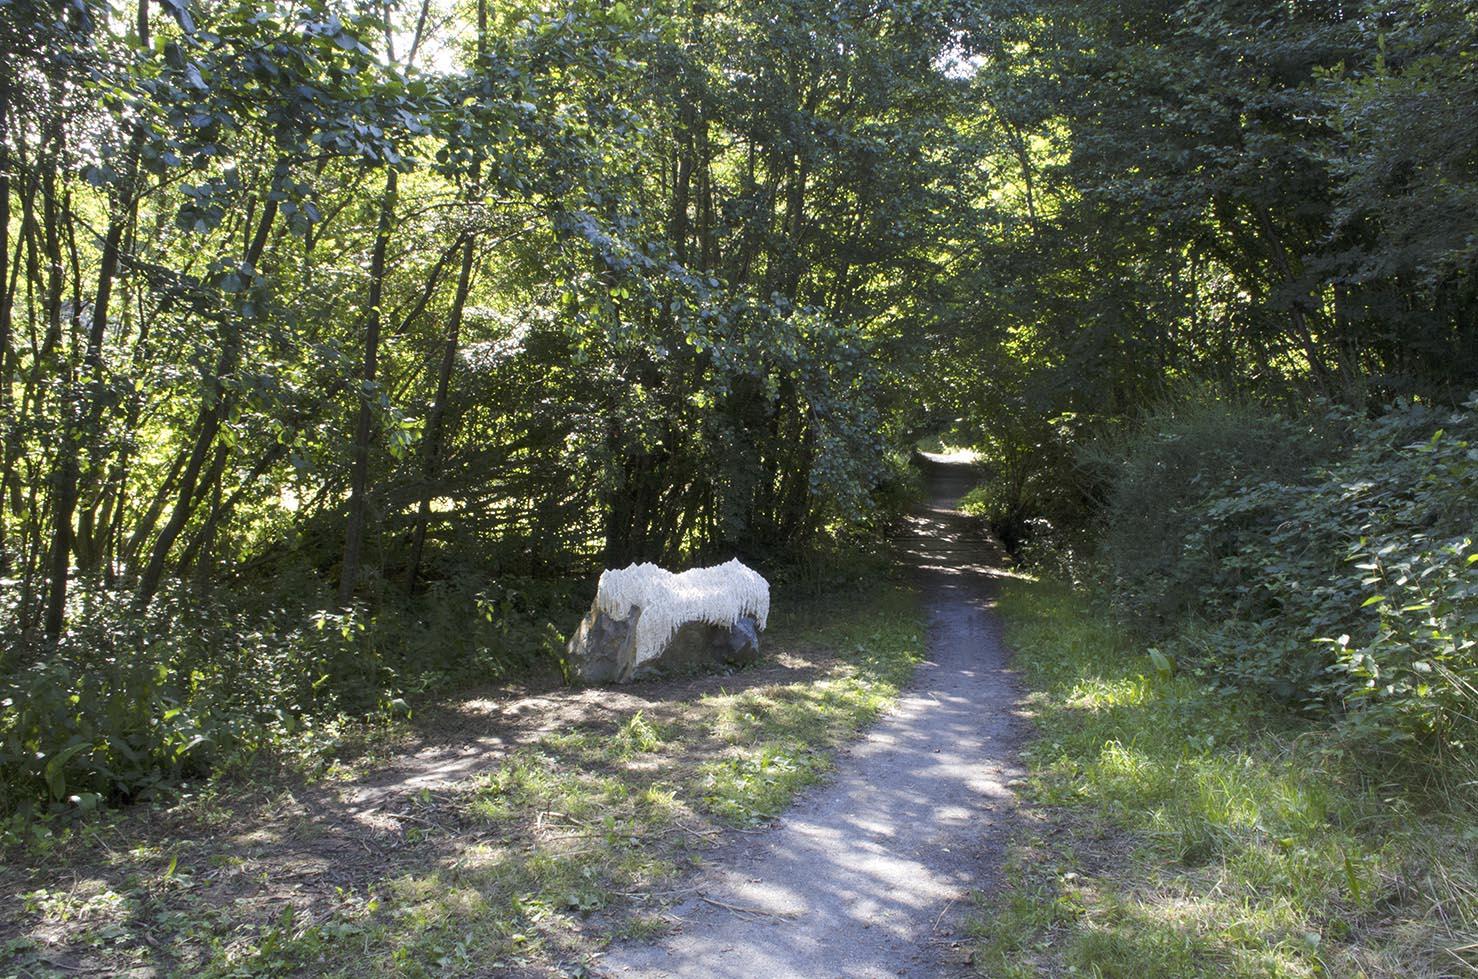 promenons-nous dans les bois_hugo_bel_sculpteur_artiste